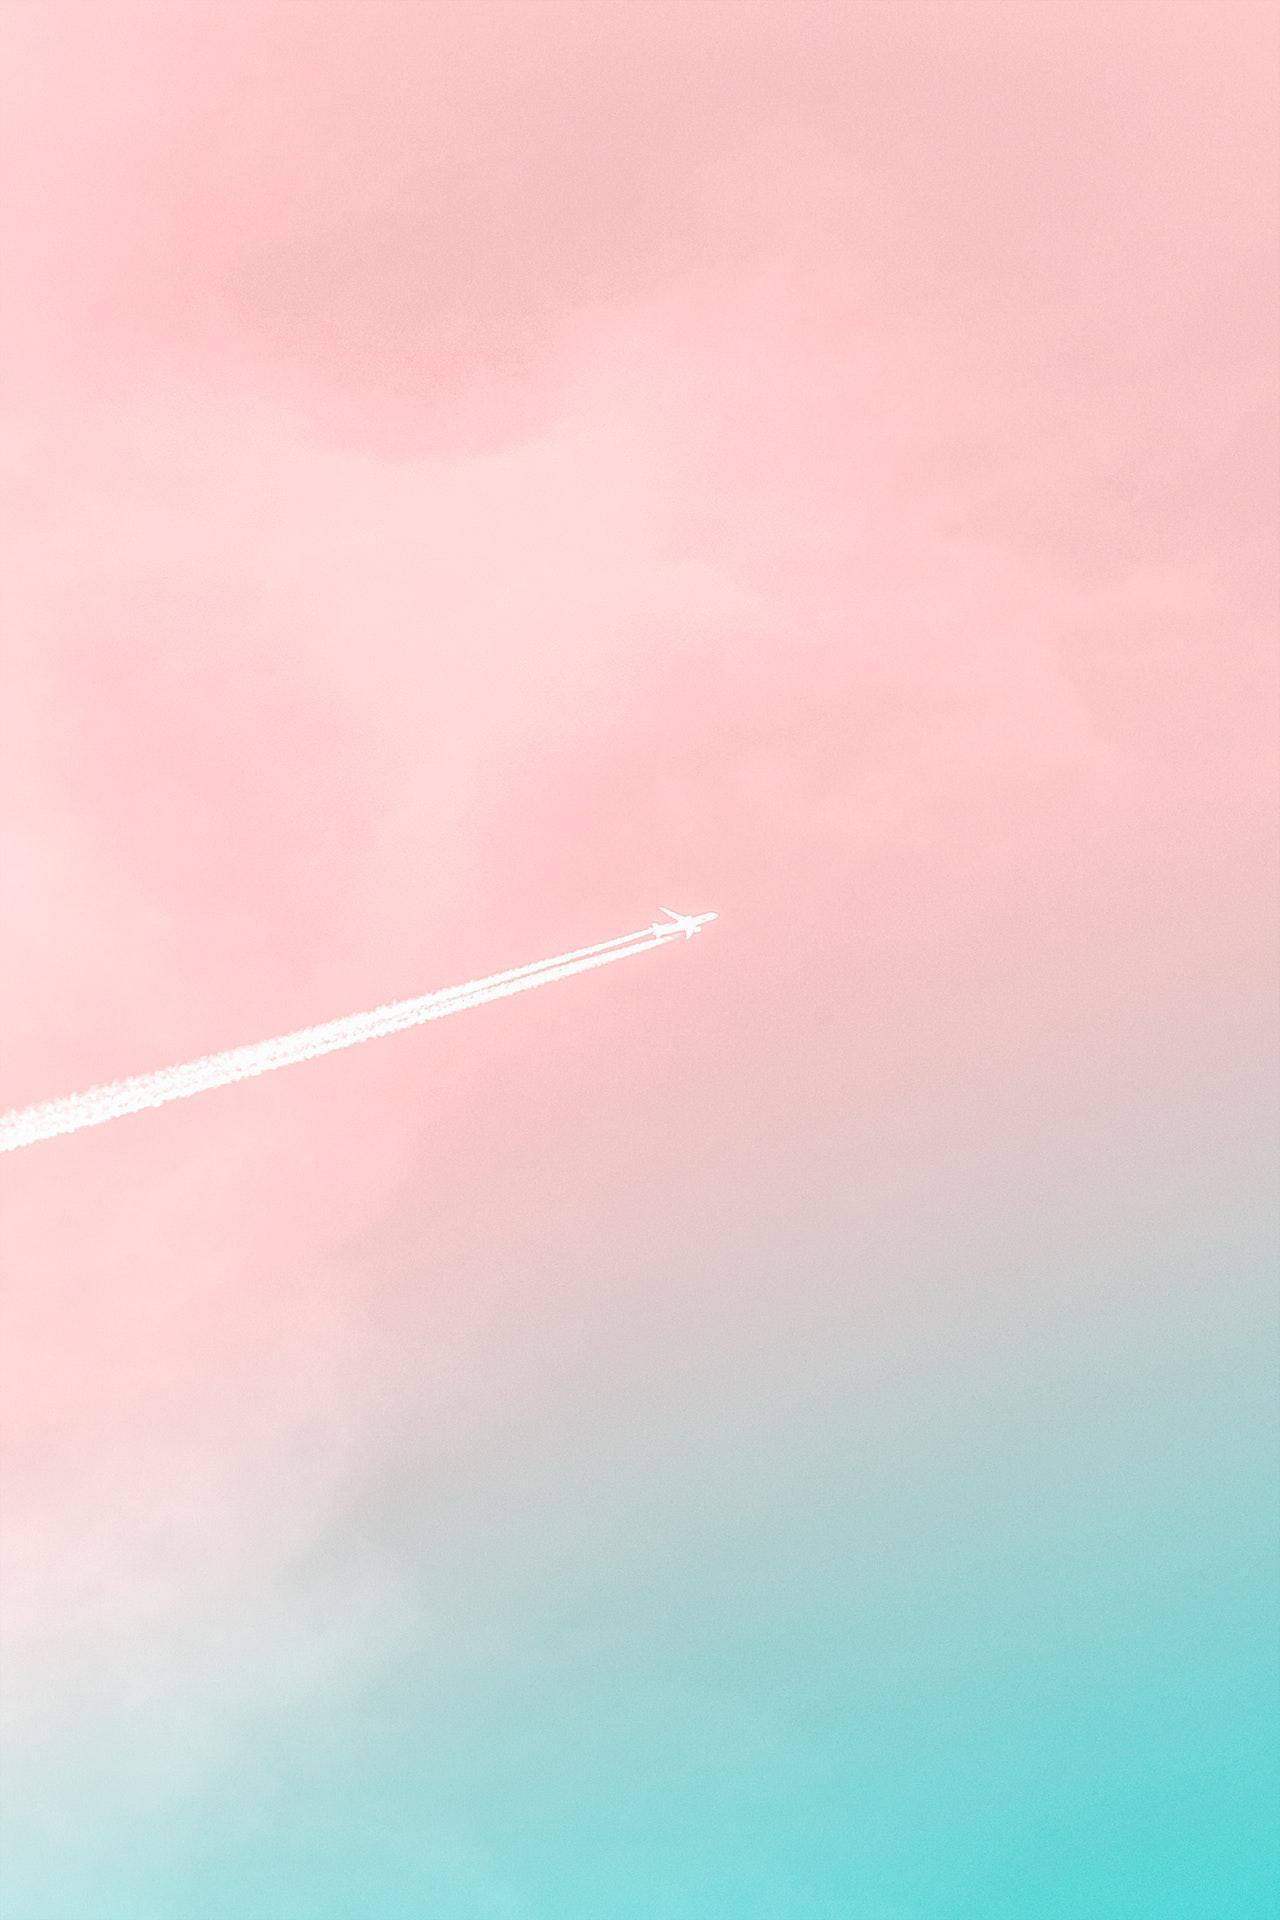 عکس زمینه هواپیما در آسمان زیبا پس زمینه